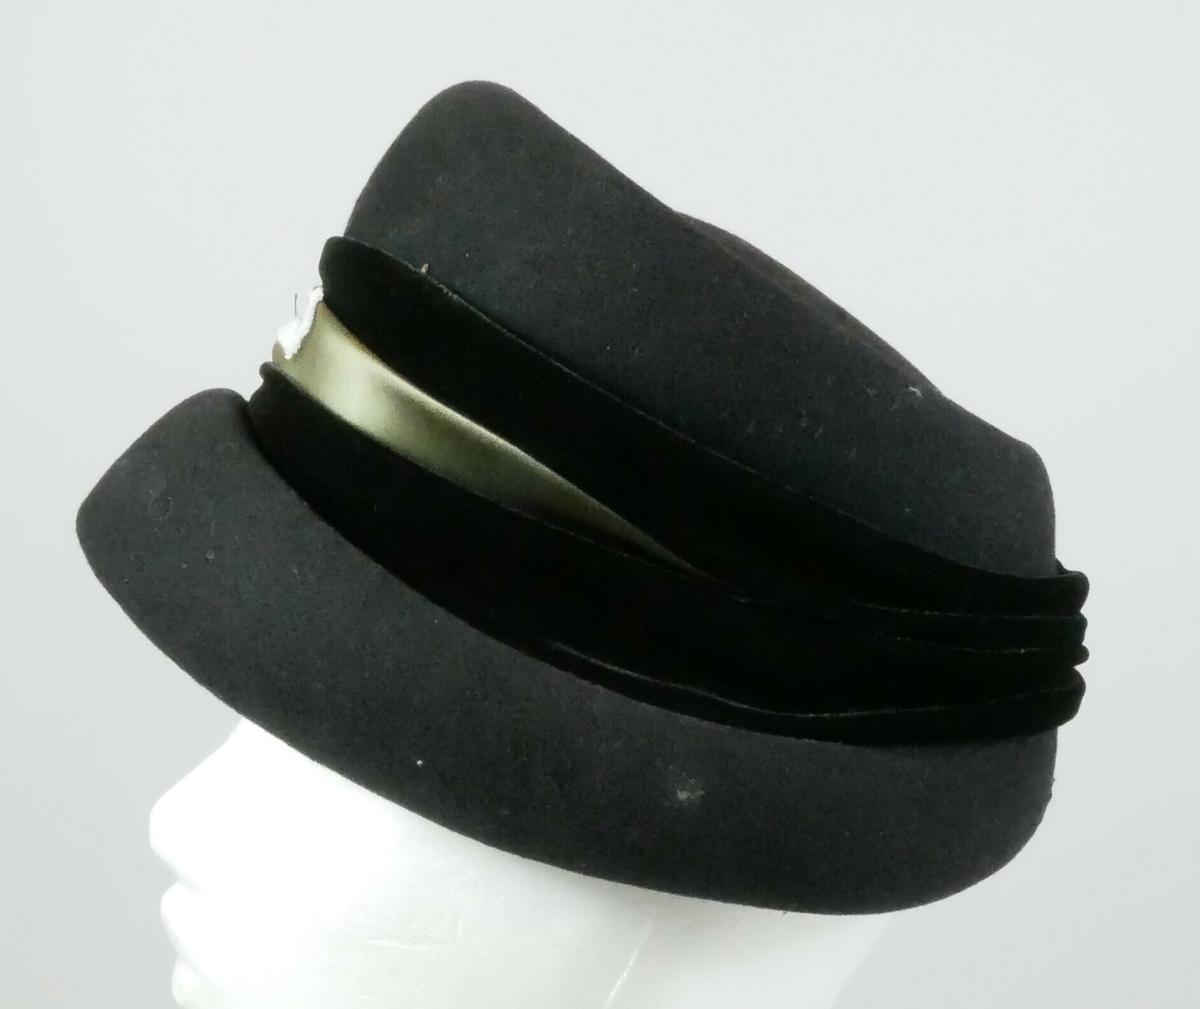 Svart hatt med fløyelsband og silkeband rundt.